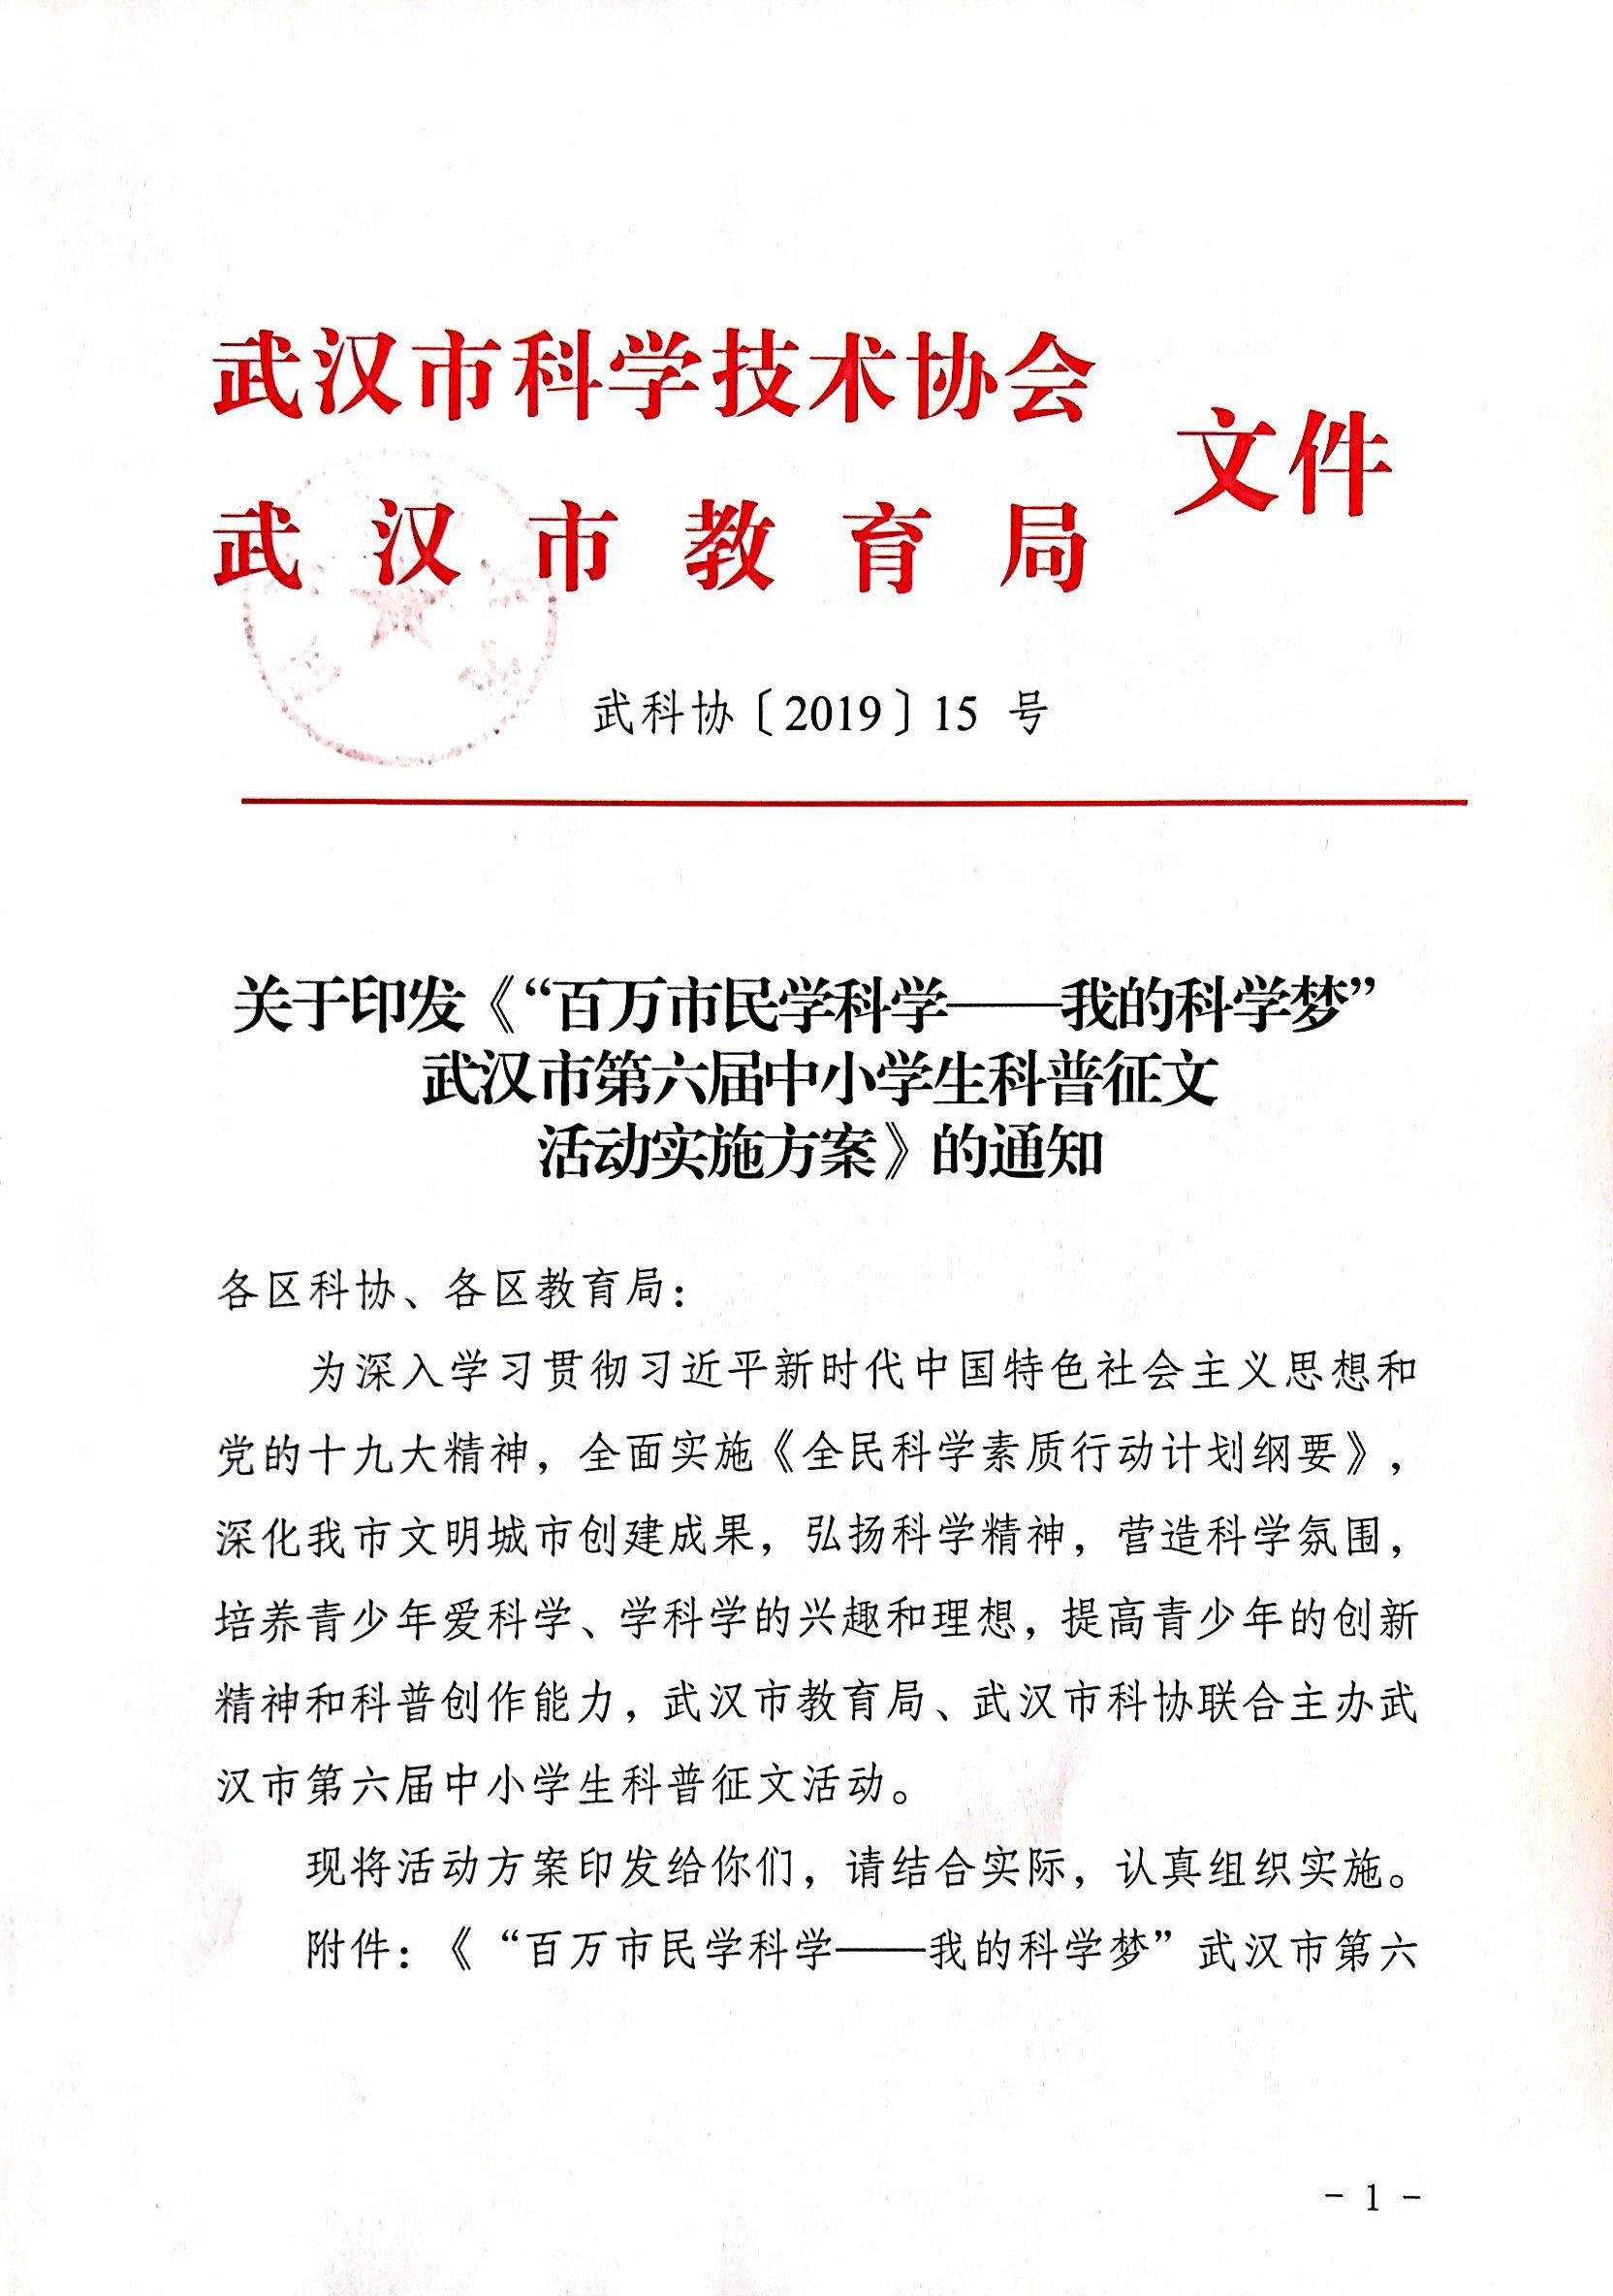 """关于印发《""""百万市民学科学——我的科学梦""""武汉市第六届中小学生科普征文活动实施方案》的通知"""